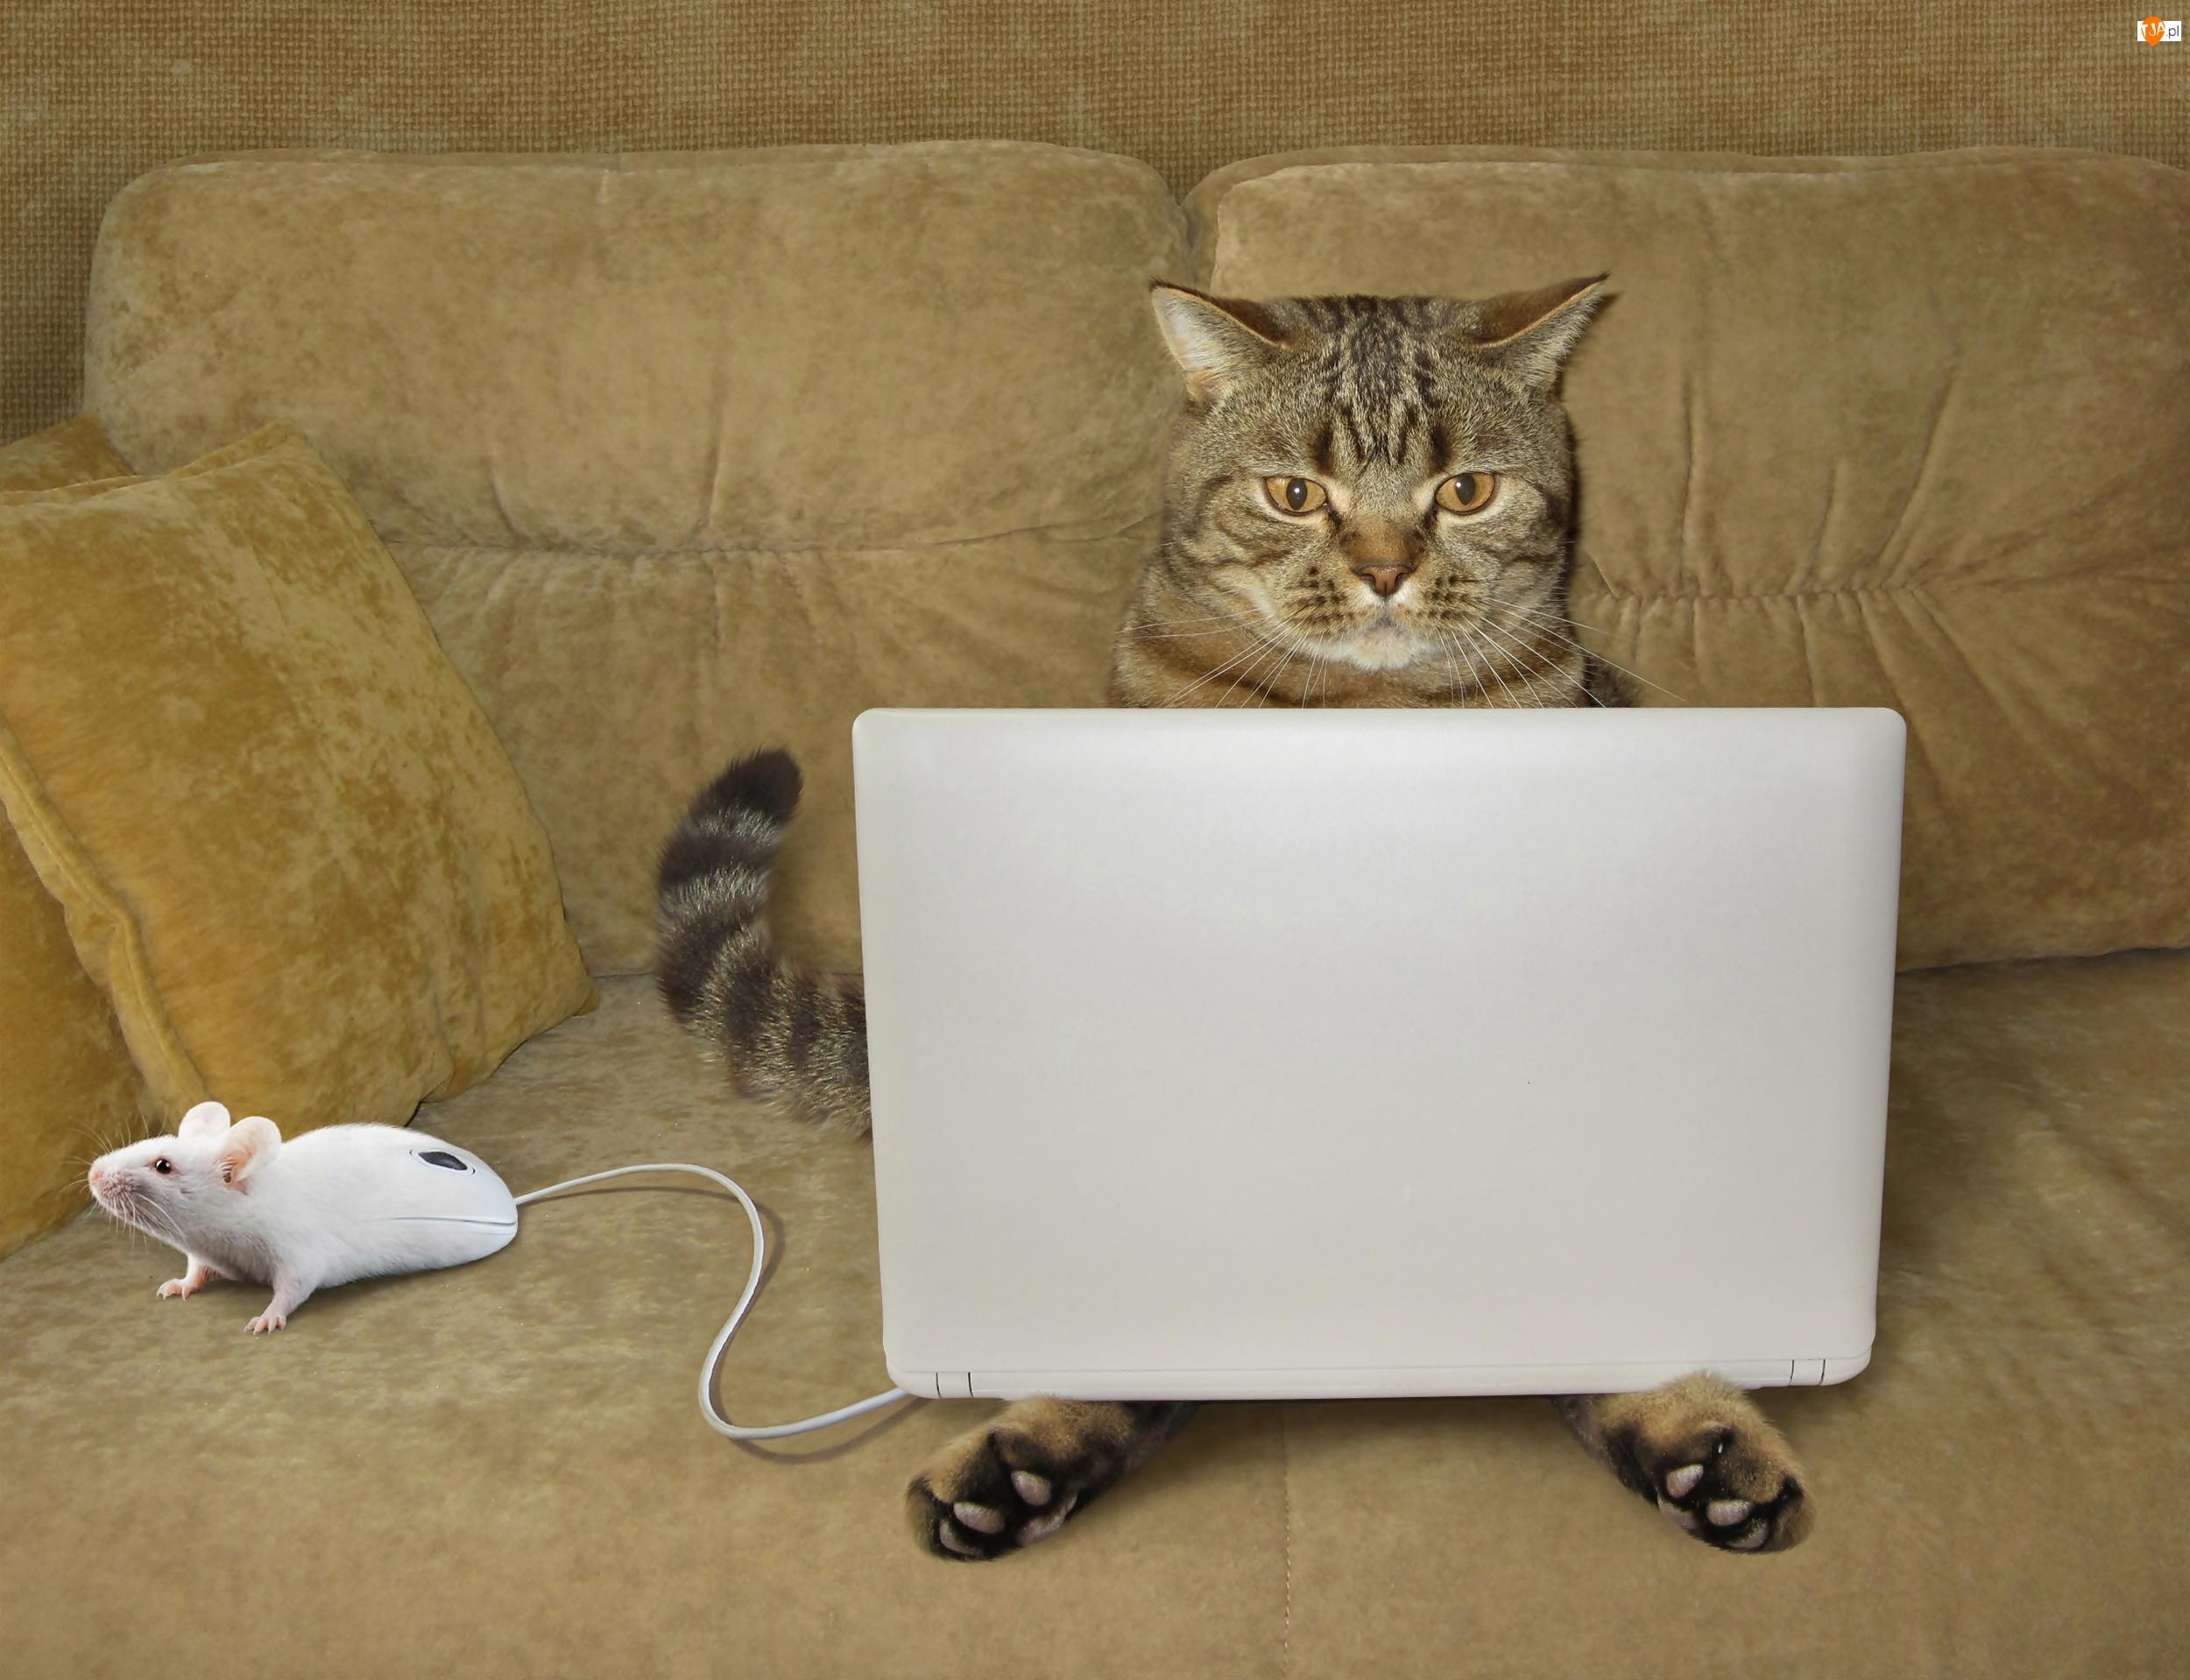 Śmieszne, Kot, Myszka, Laptop, Kanapa